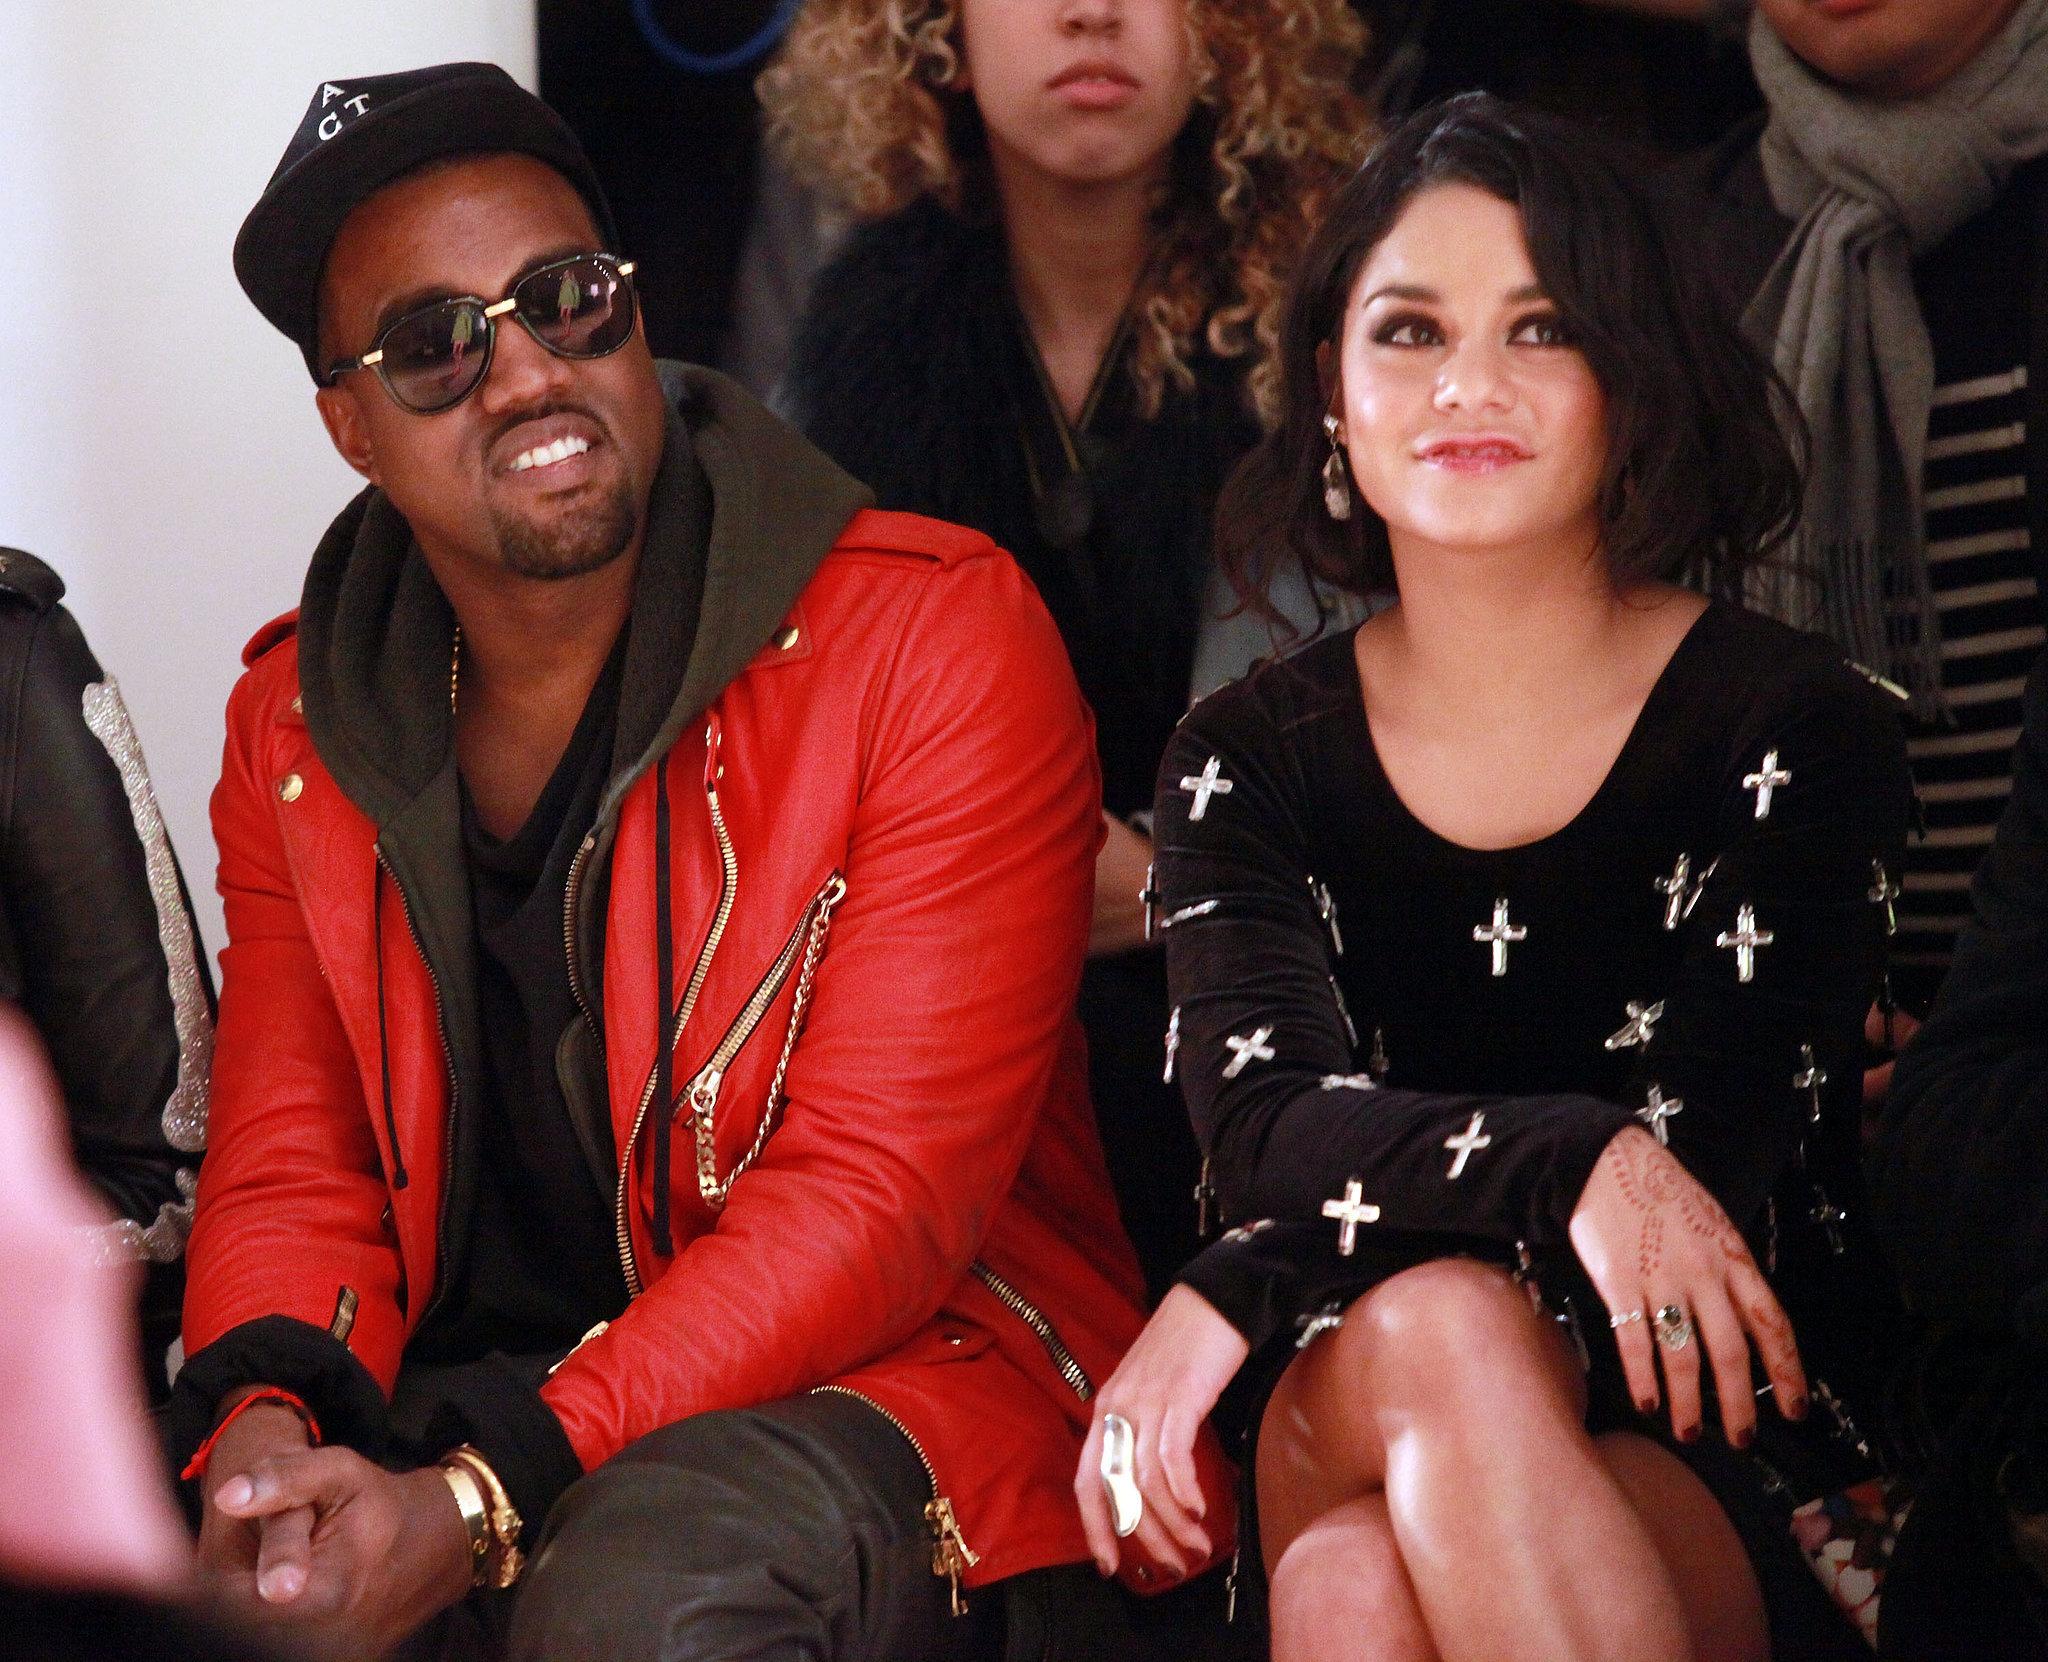 Kanye West and Vanessa Hudgens were together at Jeremy Scott in September 2011.